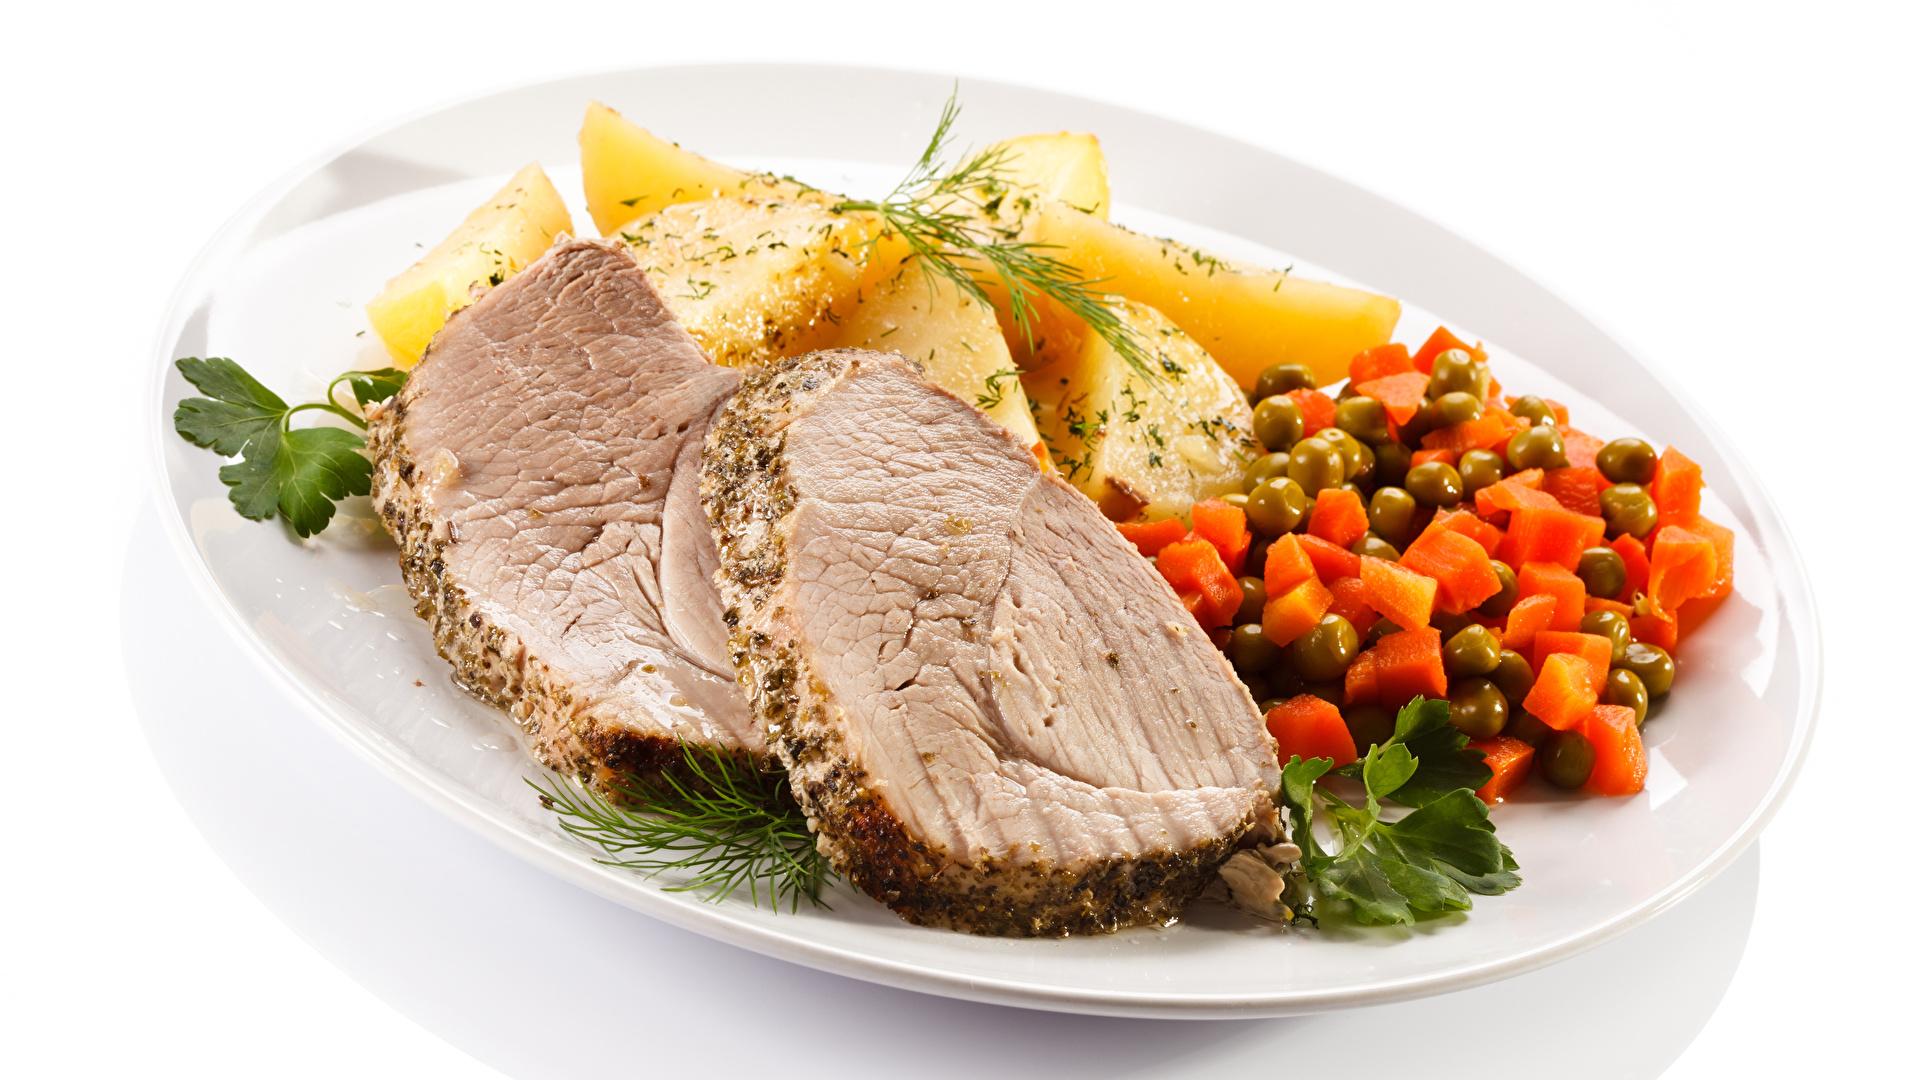 Фото Картофель Еда Овощи Тарелка белым фоном Мясные продукты Вторые блюда 1920x1080 картошка Пища тарелке Продукты питания Белый фон белом фоне